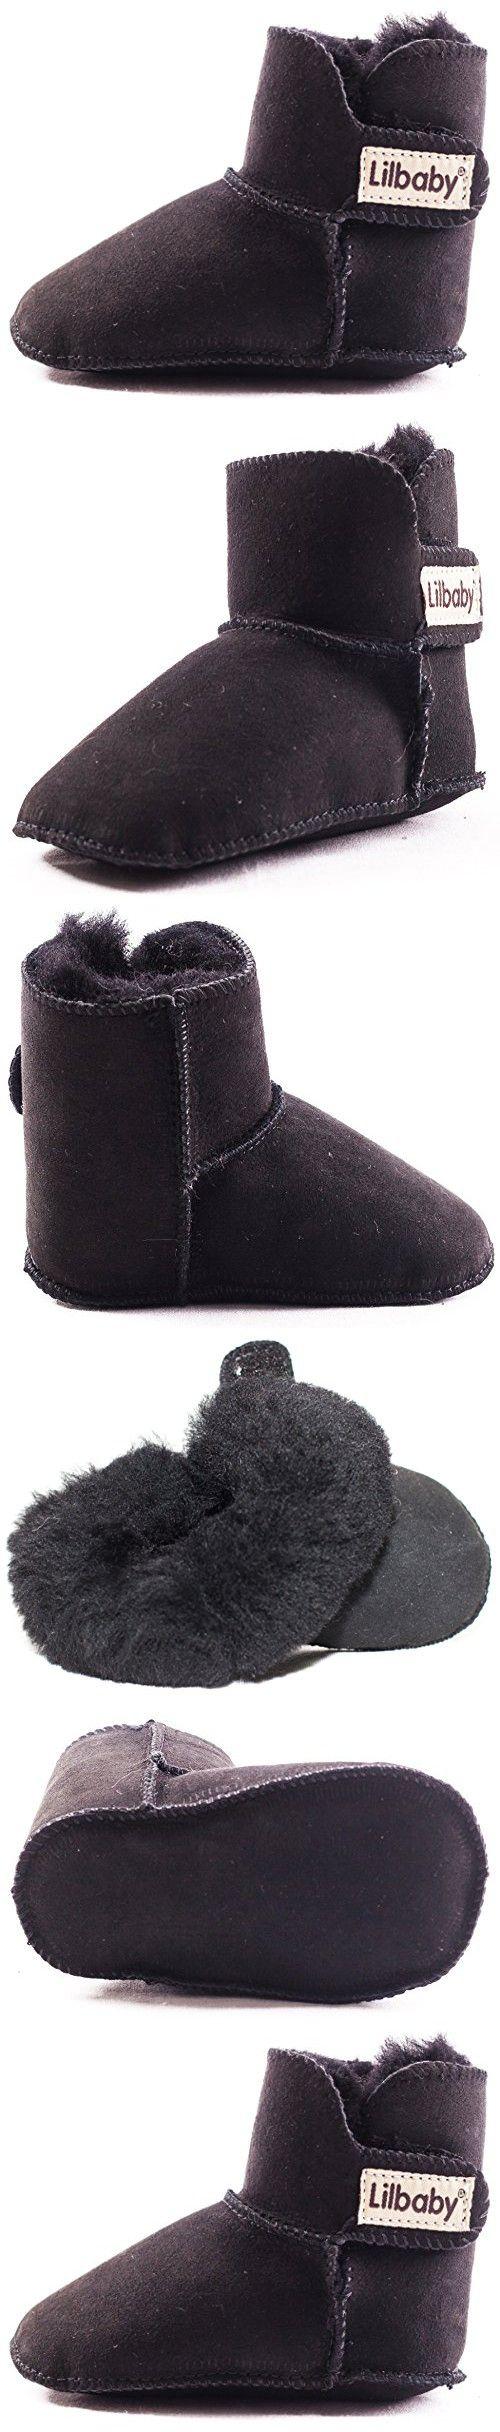 Lilbaby Bergen Merino Sheepskin Baby Bootie (100% PURE Australian Sheepskin, Calf Suede, Velcro Fastener) (18-24 months, Black)